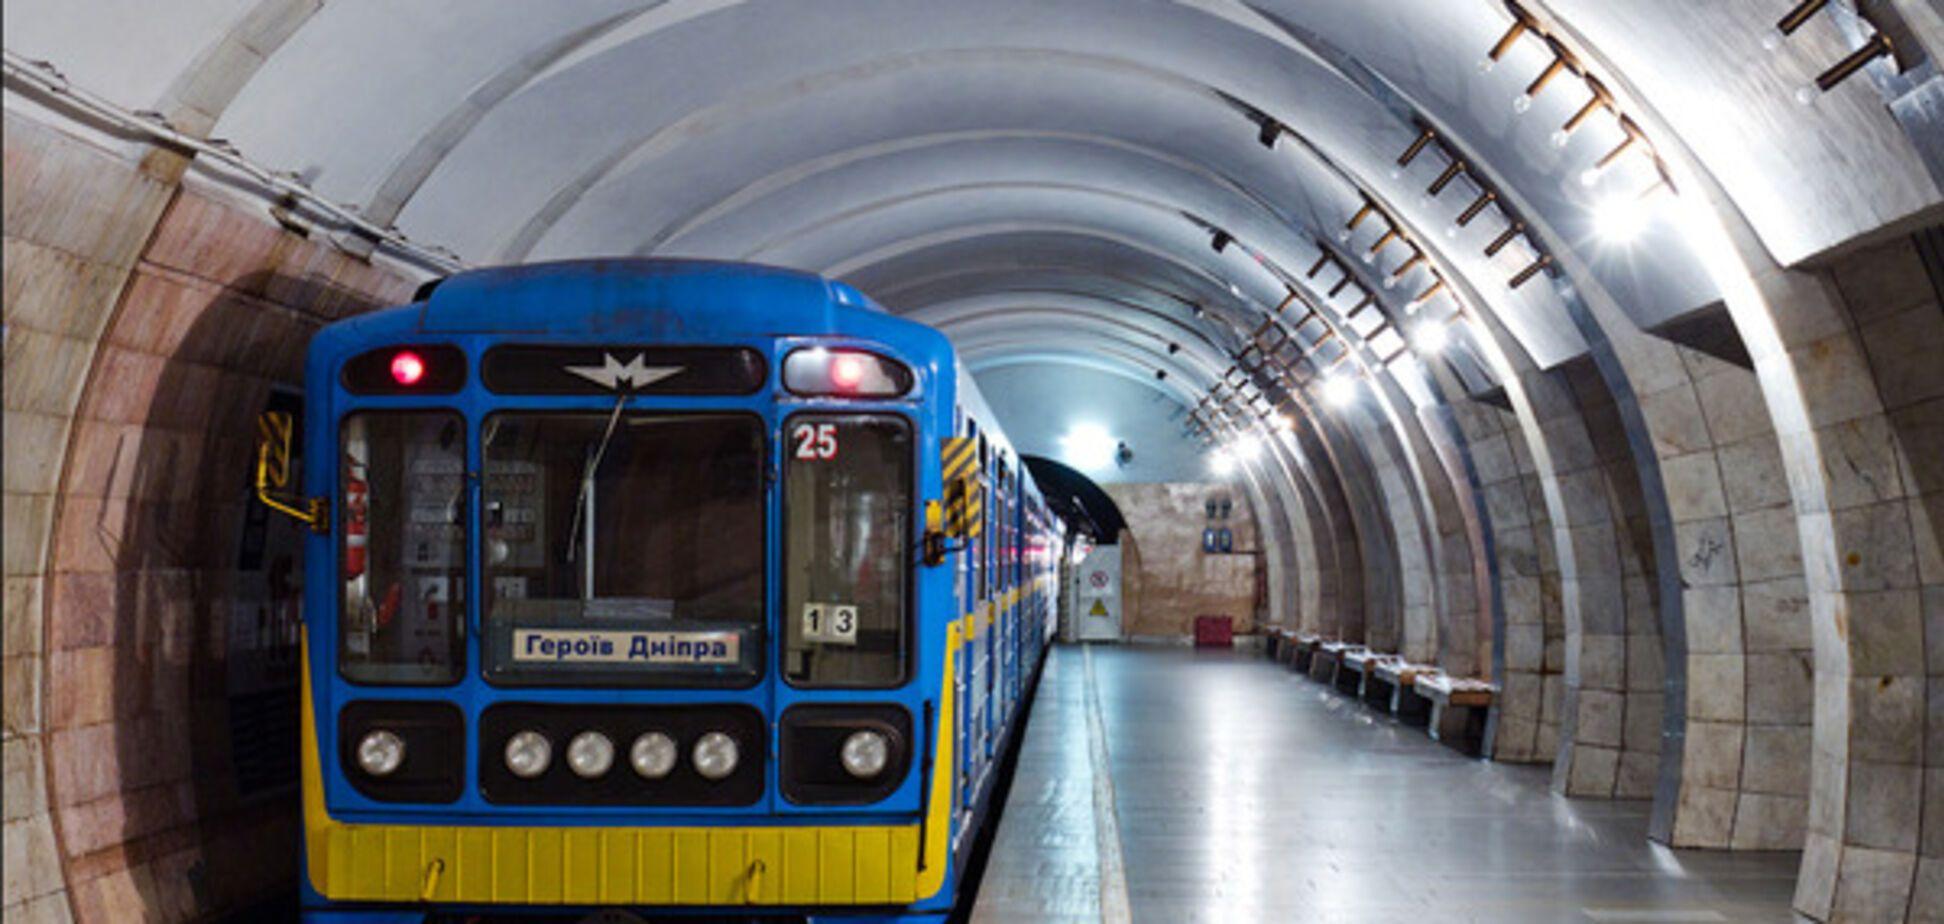 'Затягивают пояса?' В метро Киева заметили нездоровые изменения